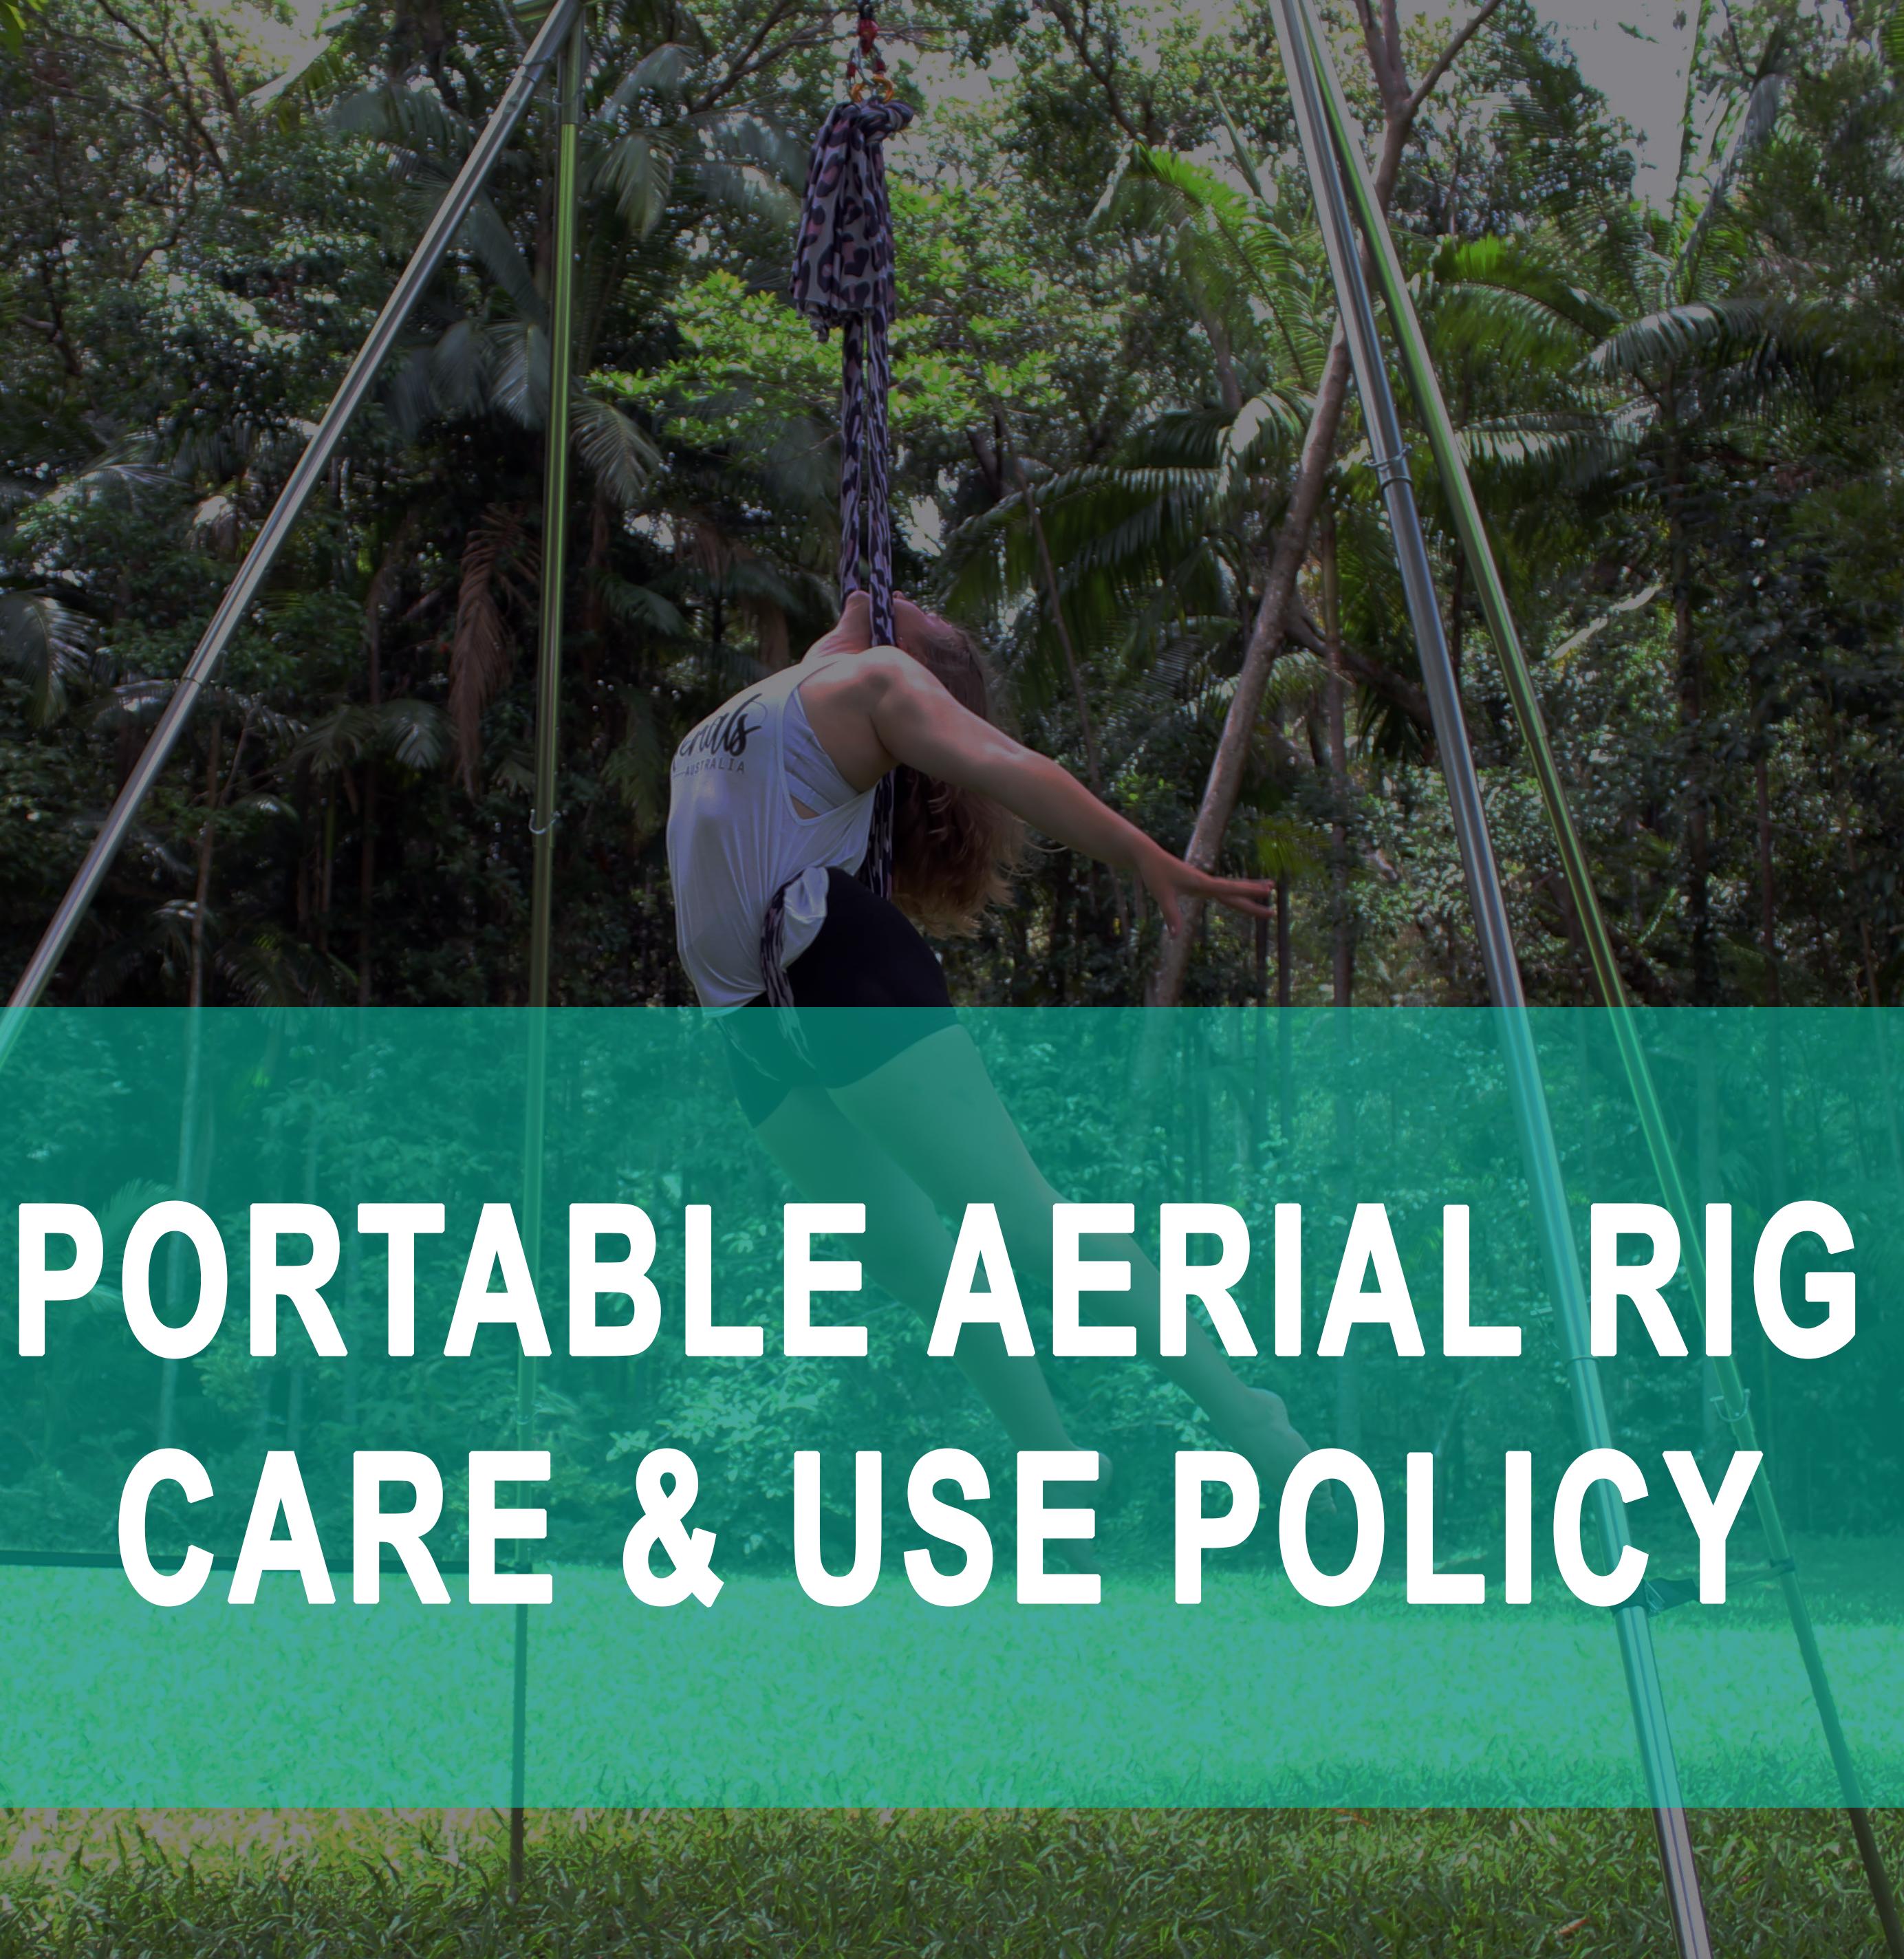 PORTABLE AERIAL RIG